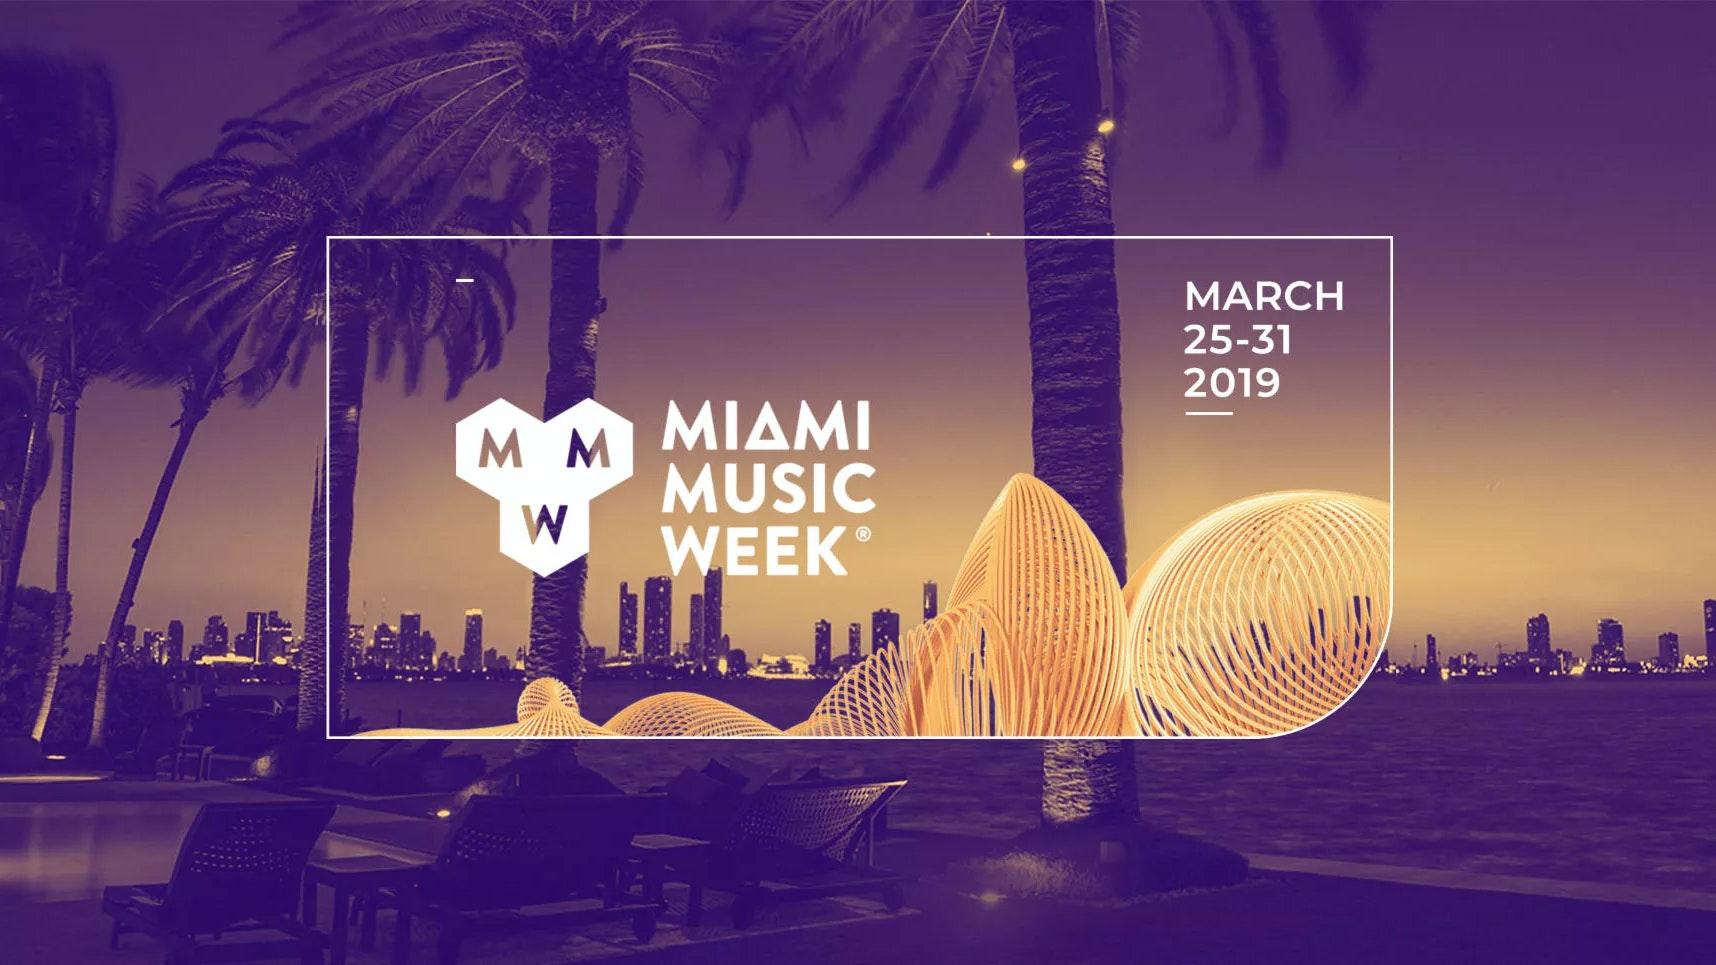 Miami Music Week